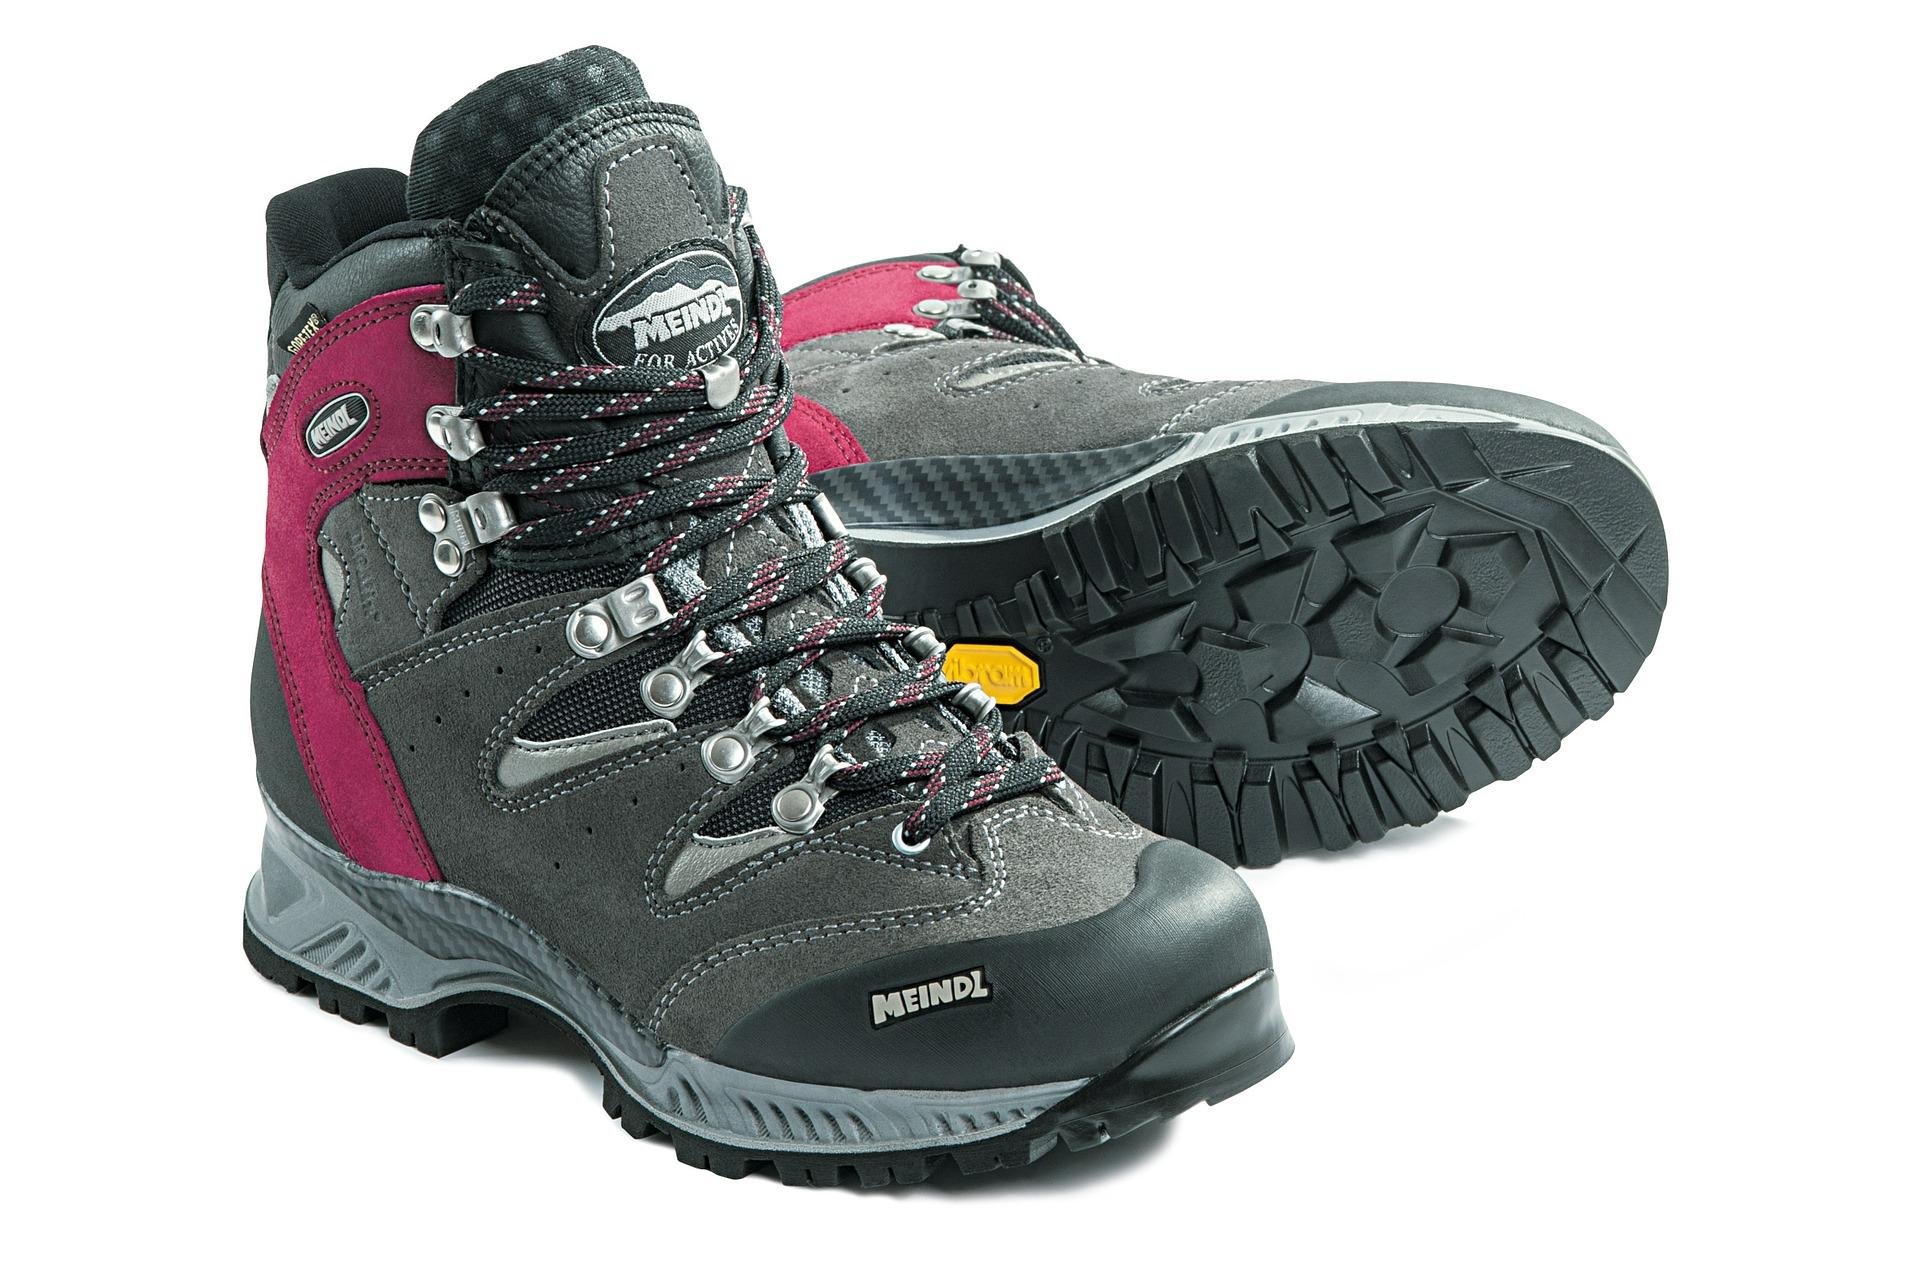 chaussures de randonnée Meindl